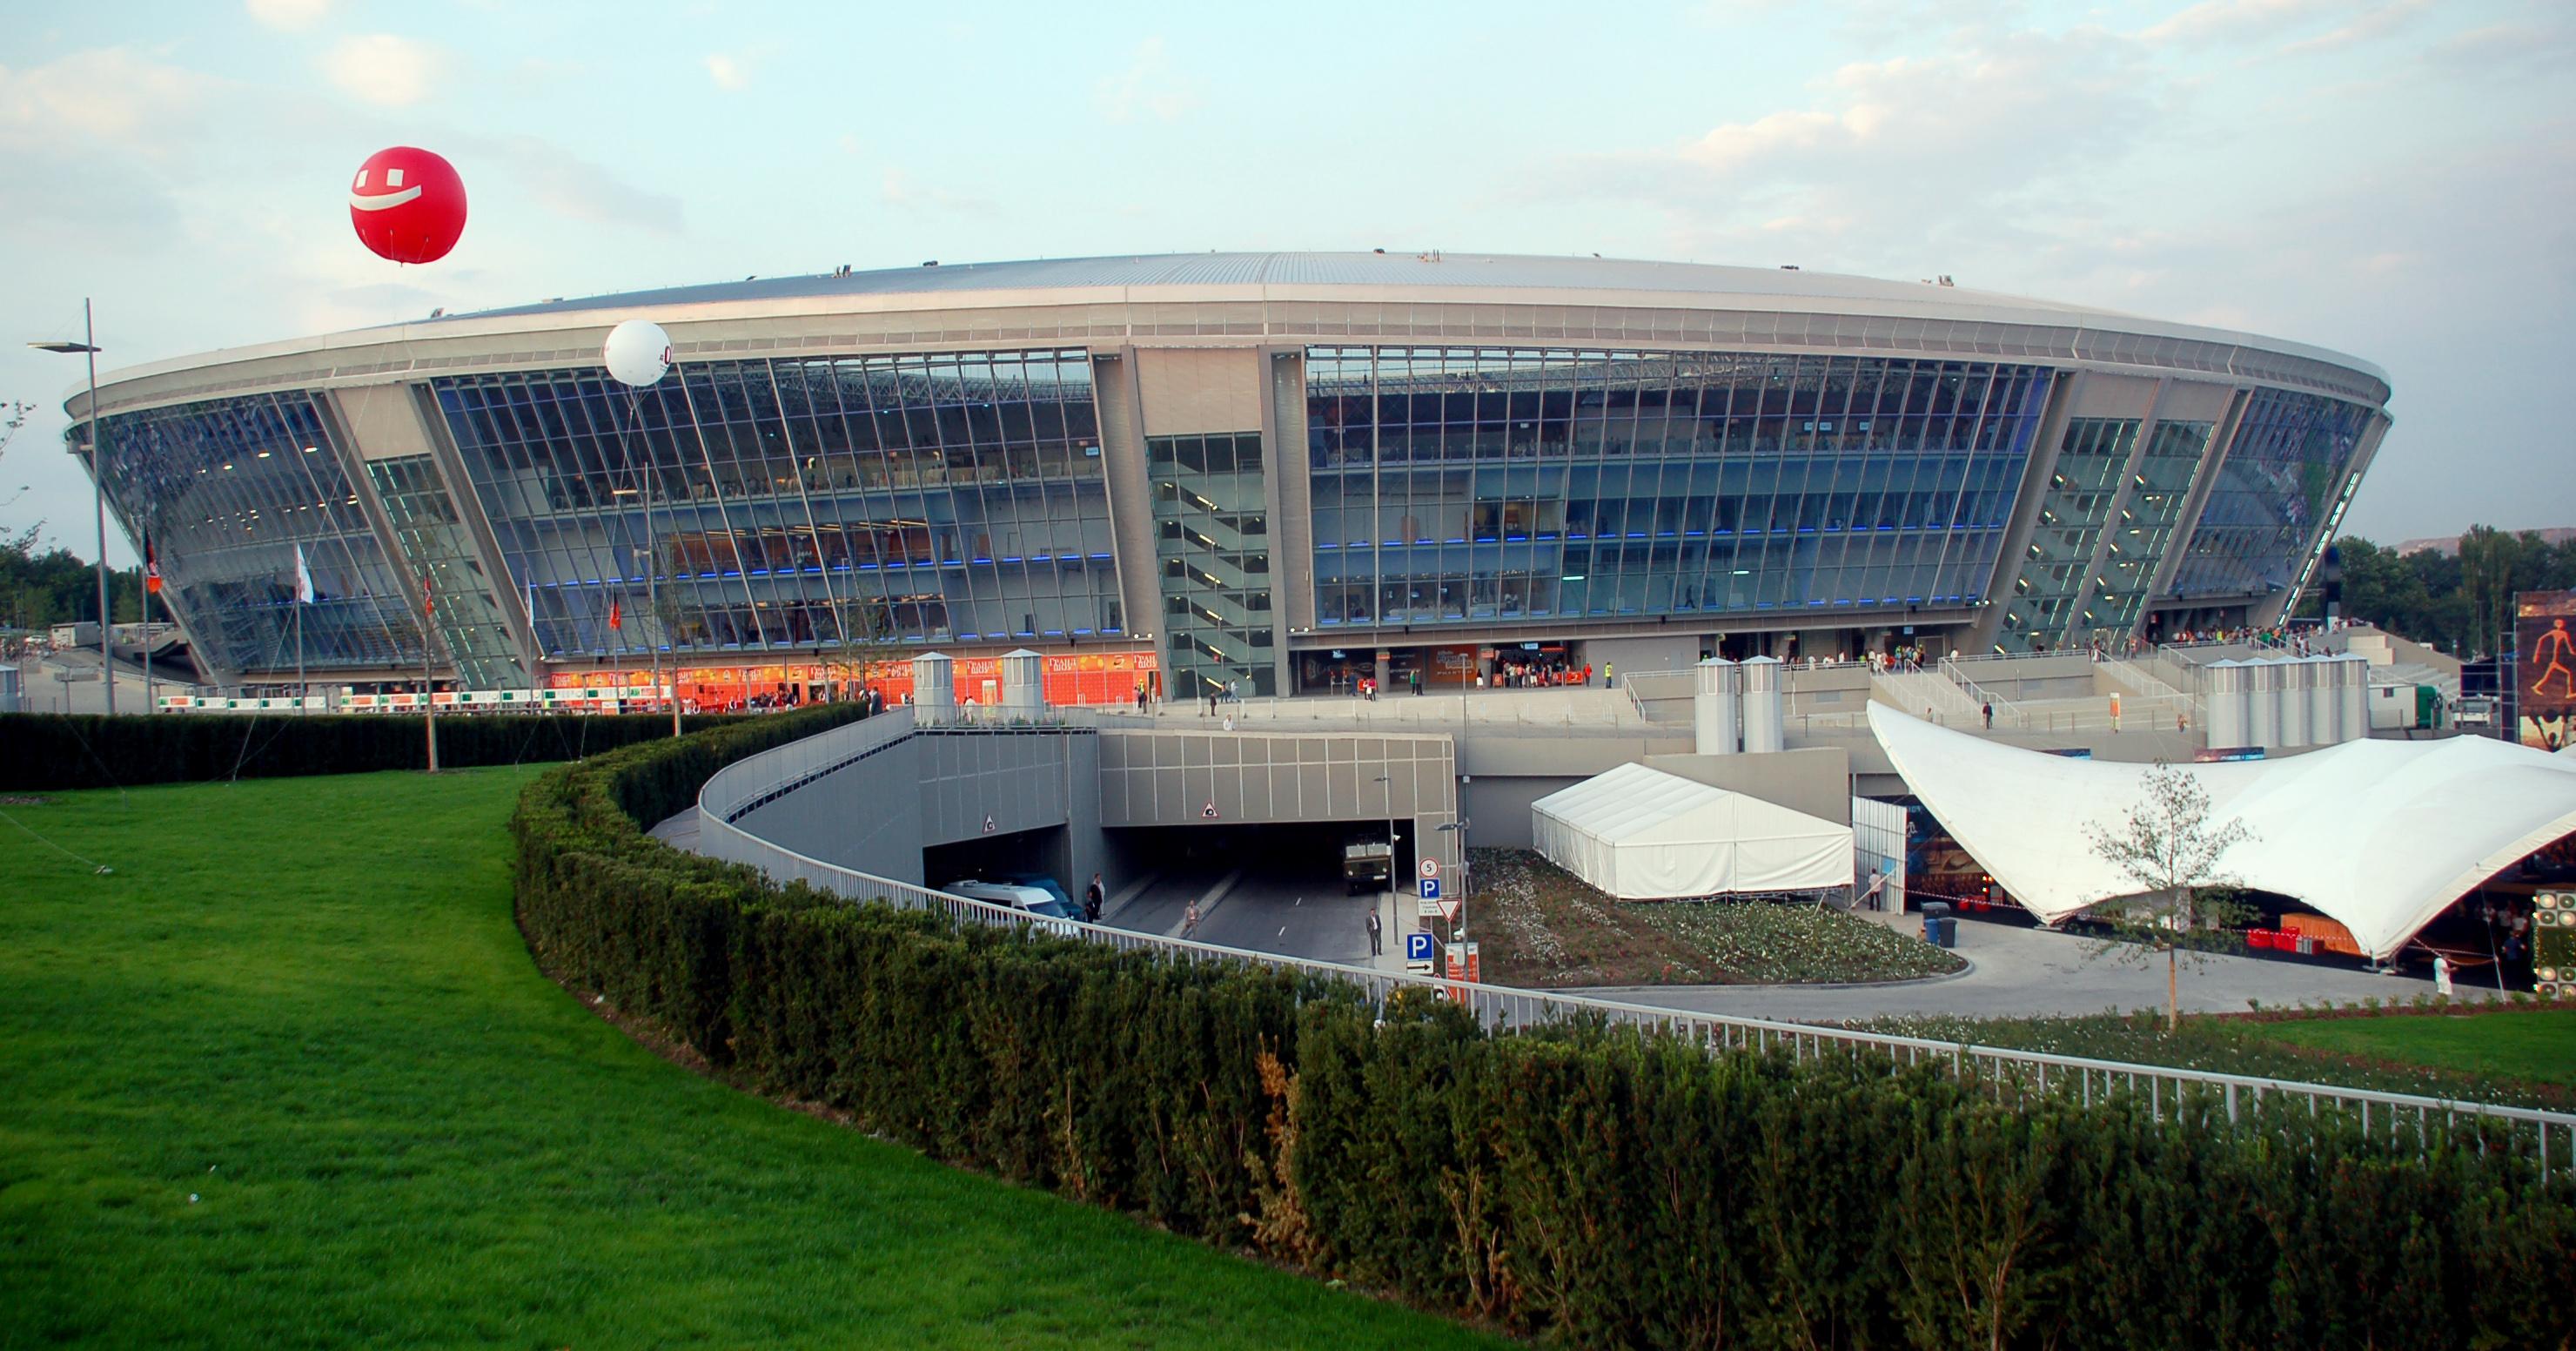 Схема стадиона донецк